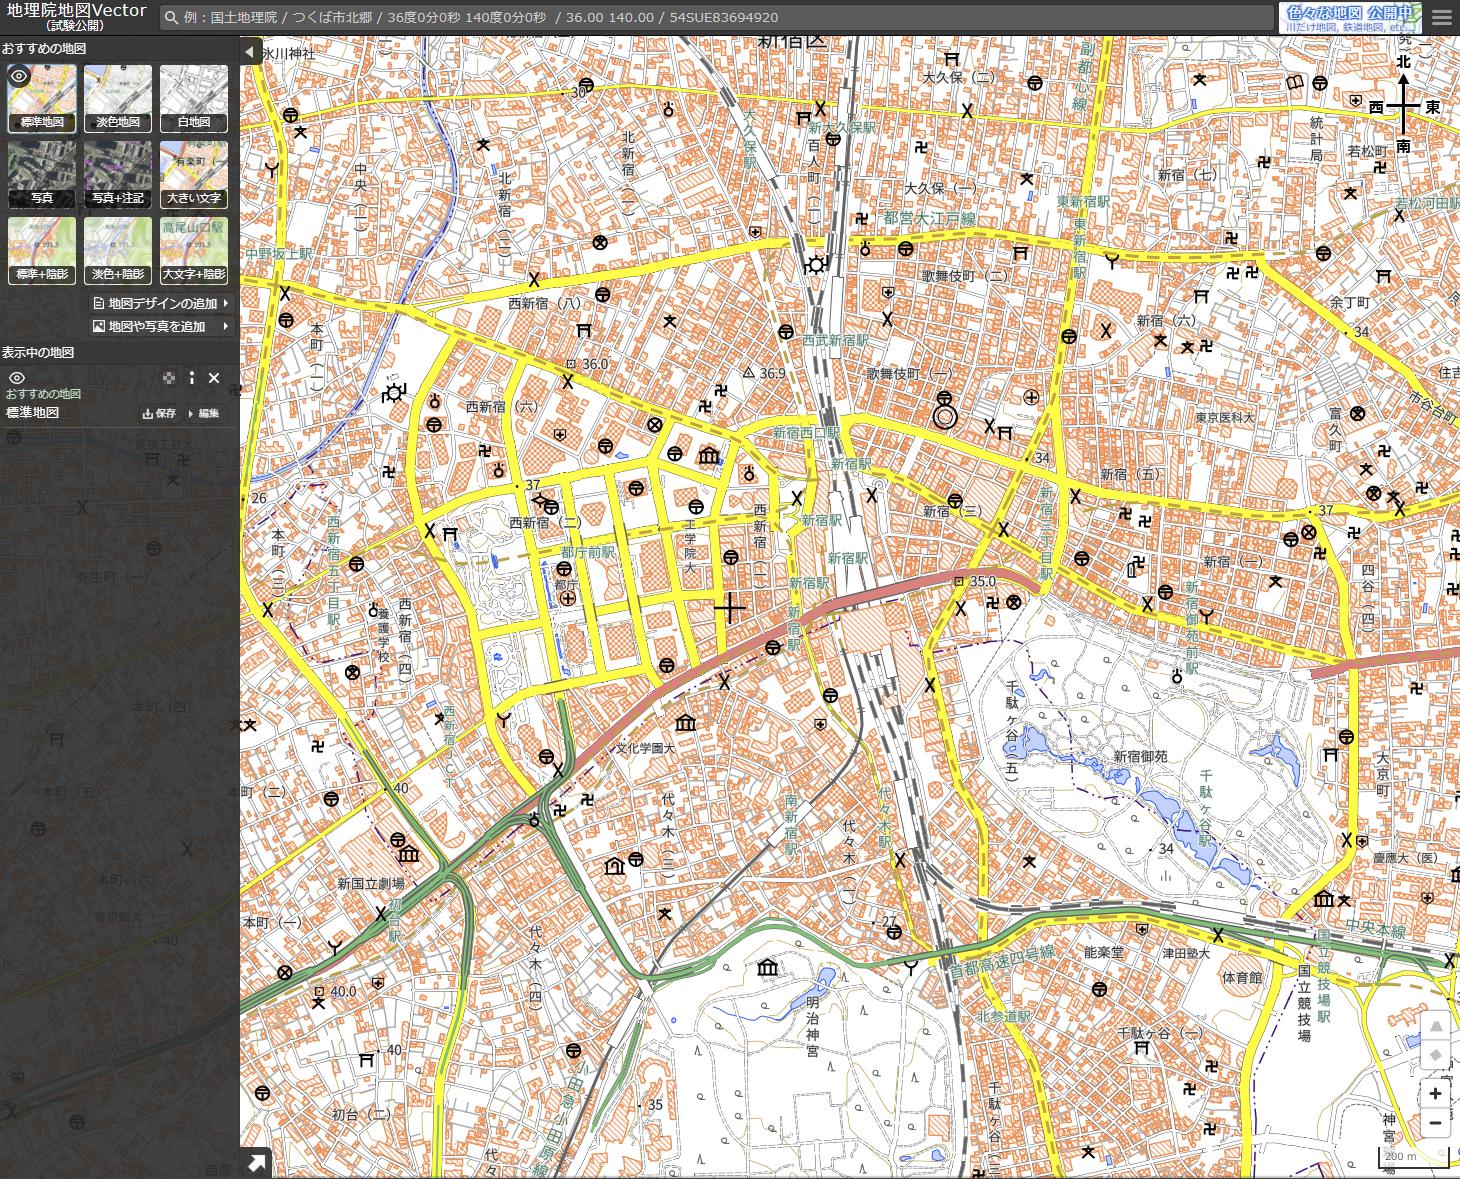 標準地図夏休みの自由研究におすすめな国土地理院「地理院地図Vector」の標準地図画面